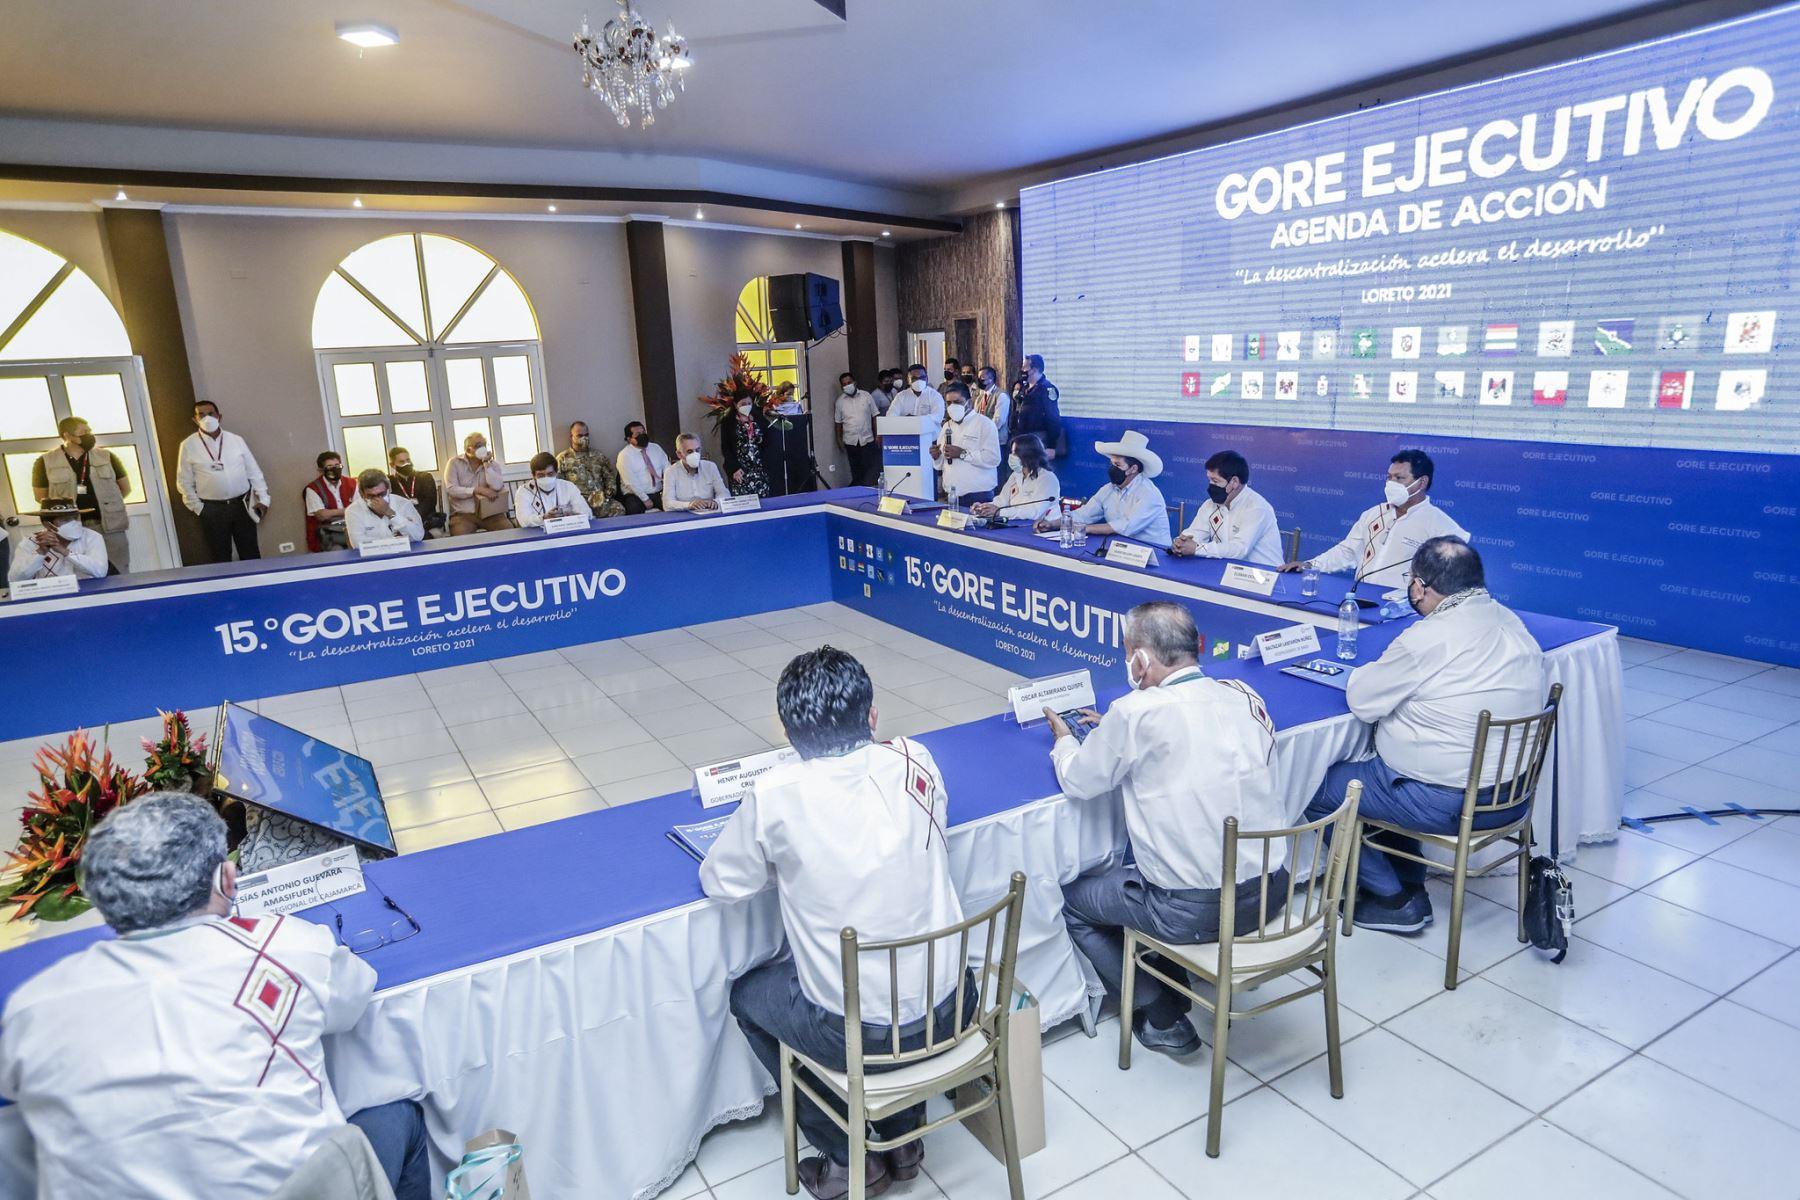 Presiente Pedro Castillo clausura el 15º GORE Ejecutivo en Iquitos. Foto: Presidencia